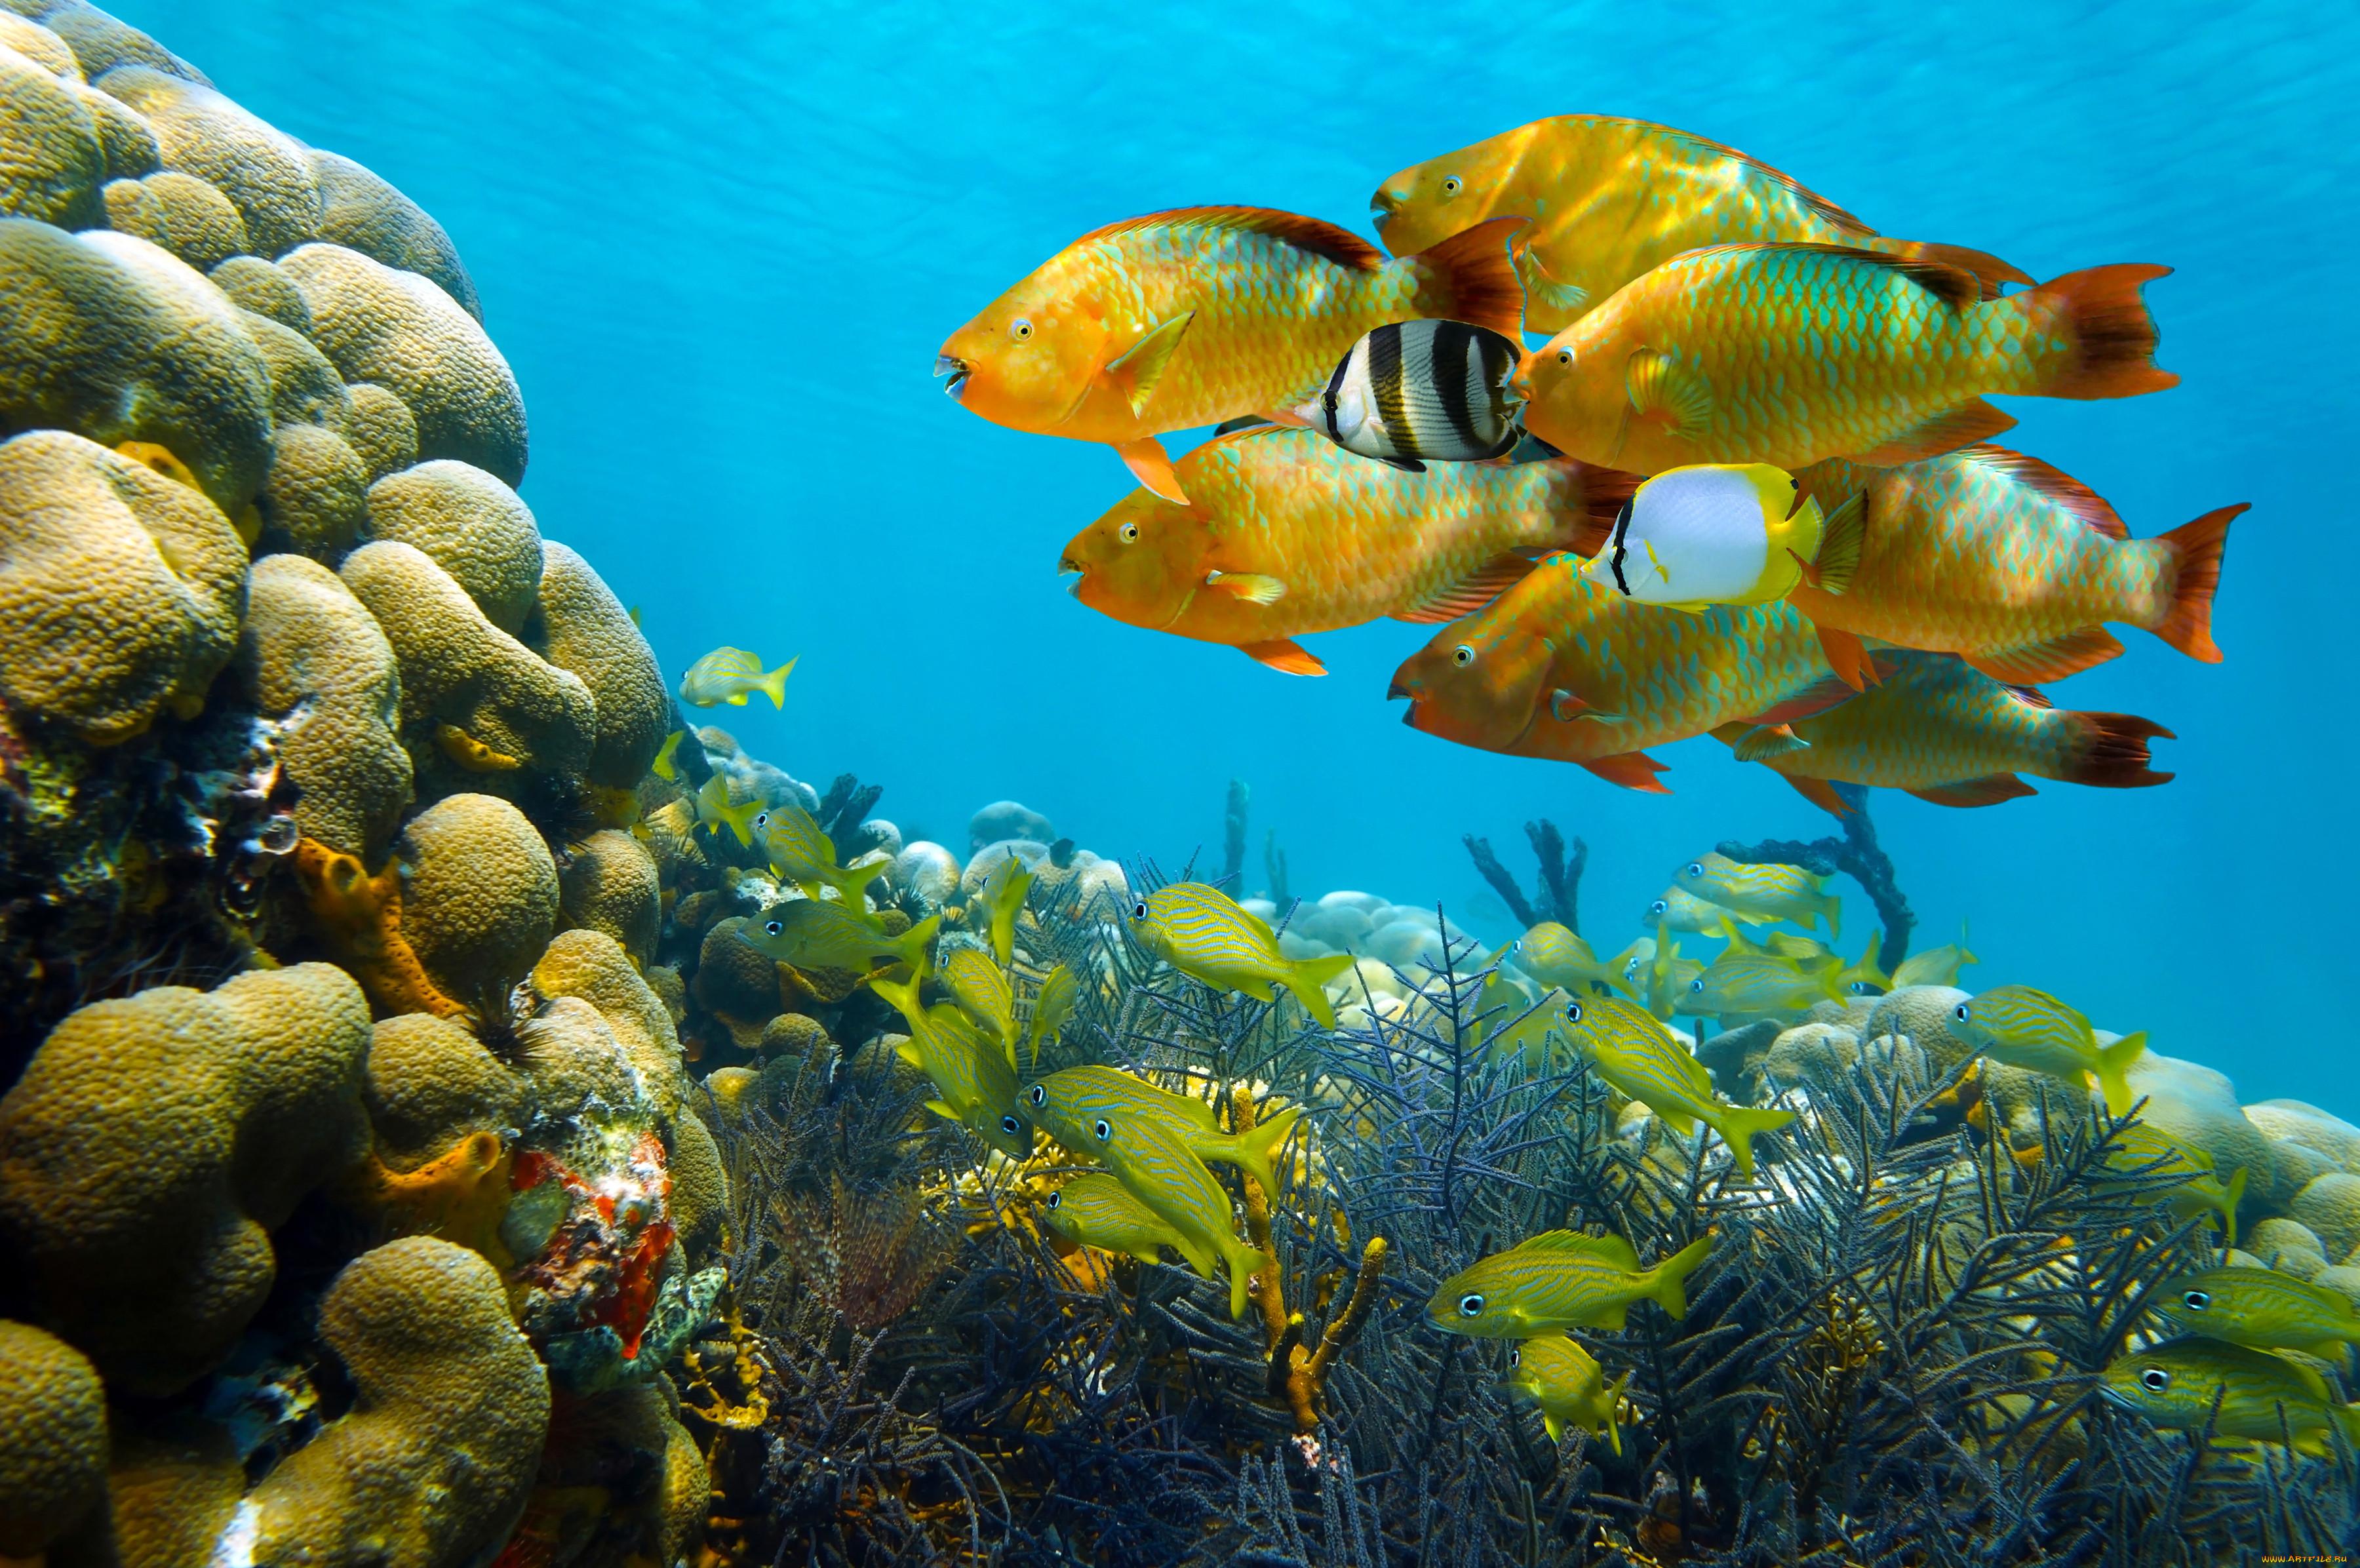 смотреть картинки рыб в море яркая